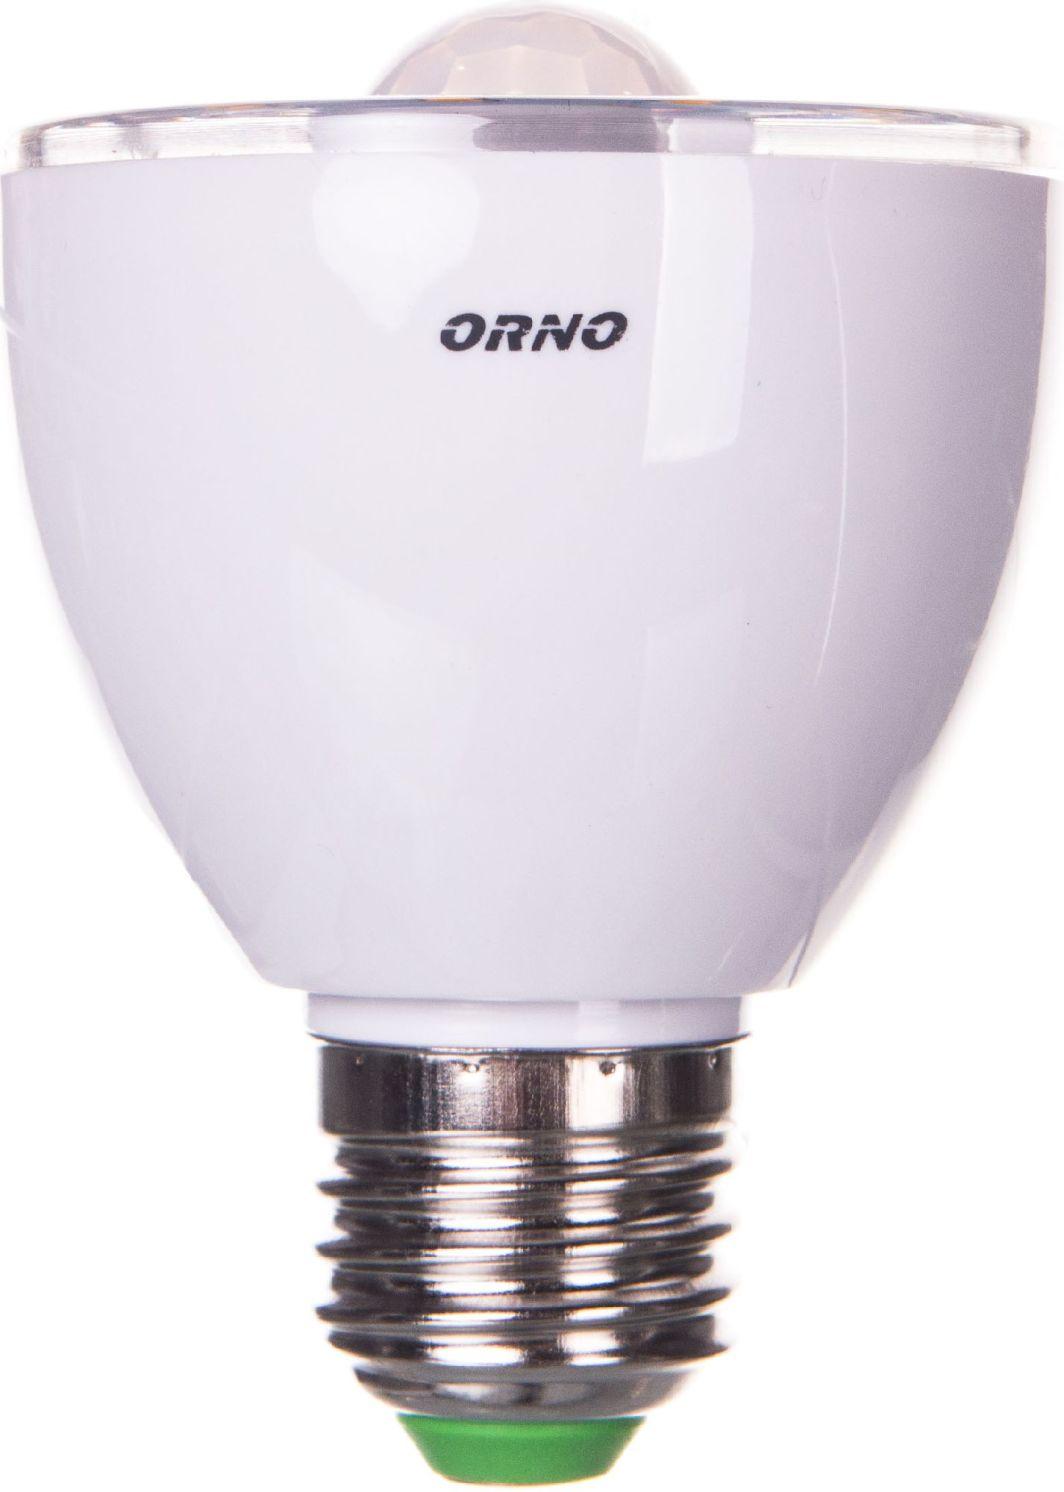 Orno Żarówka RICU LED z czujnikiem ruchu 5W E27 230V 3000K (OR-SW-7001LR3) 1